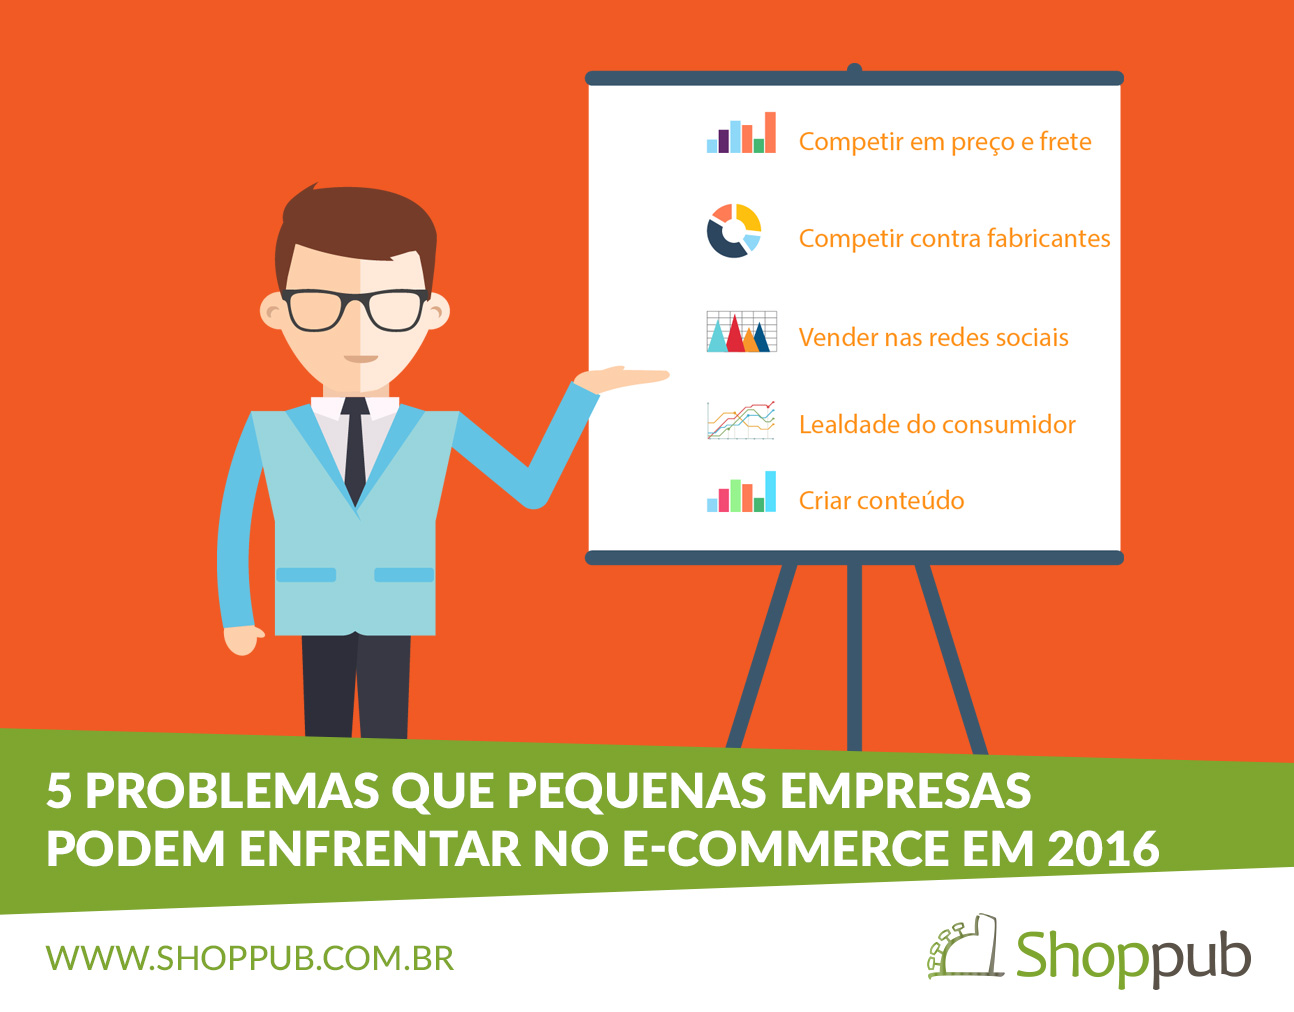 5 problemas que pequenas empresas podem enfrentar no e-commerce em 2016